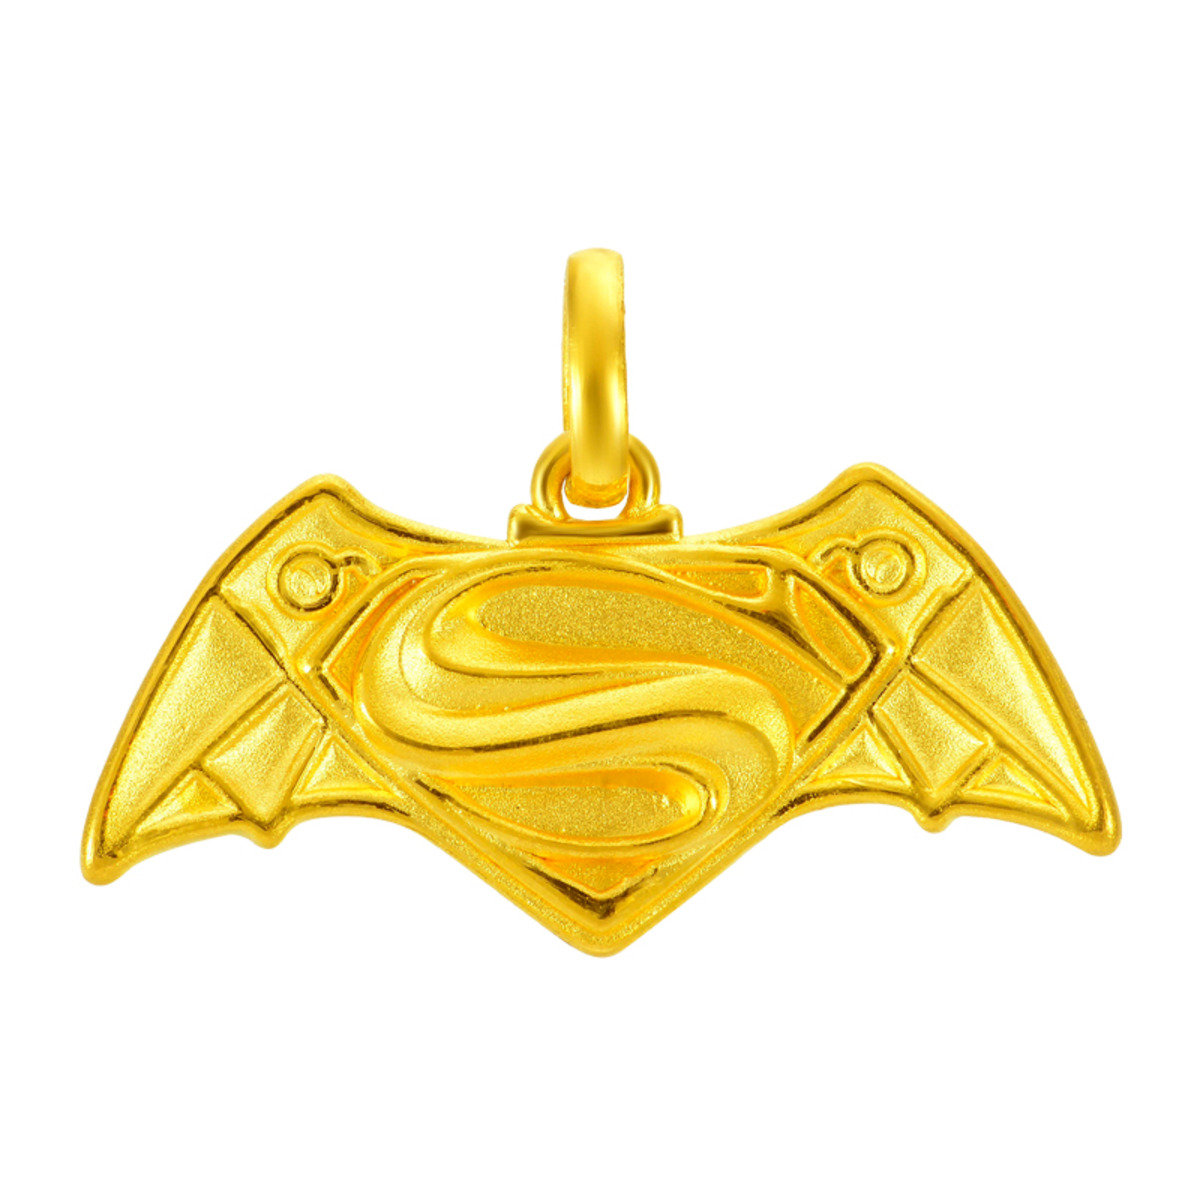 「蝙蝠俠對超人: 正義曙光」系列 999足金吊墜